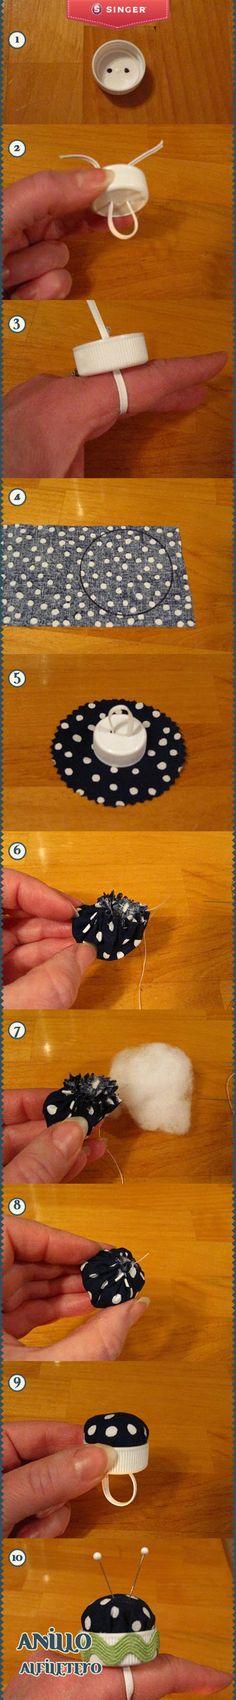 Uma ideia super gira, que começa com uma tampa de uma garrafa ! Quem fizer, partilhe no nosso facebook o resultado :)